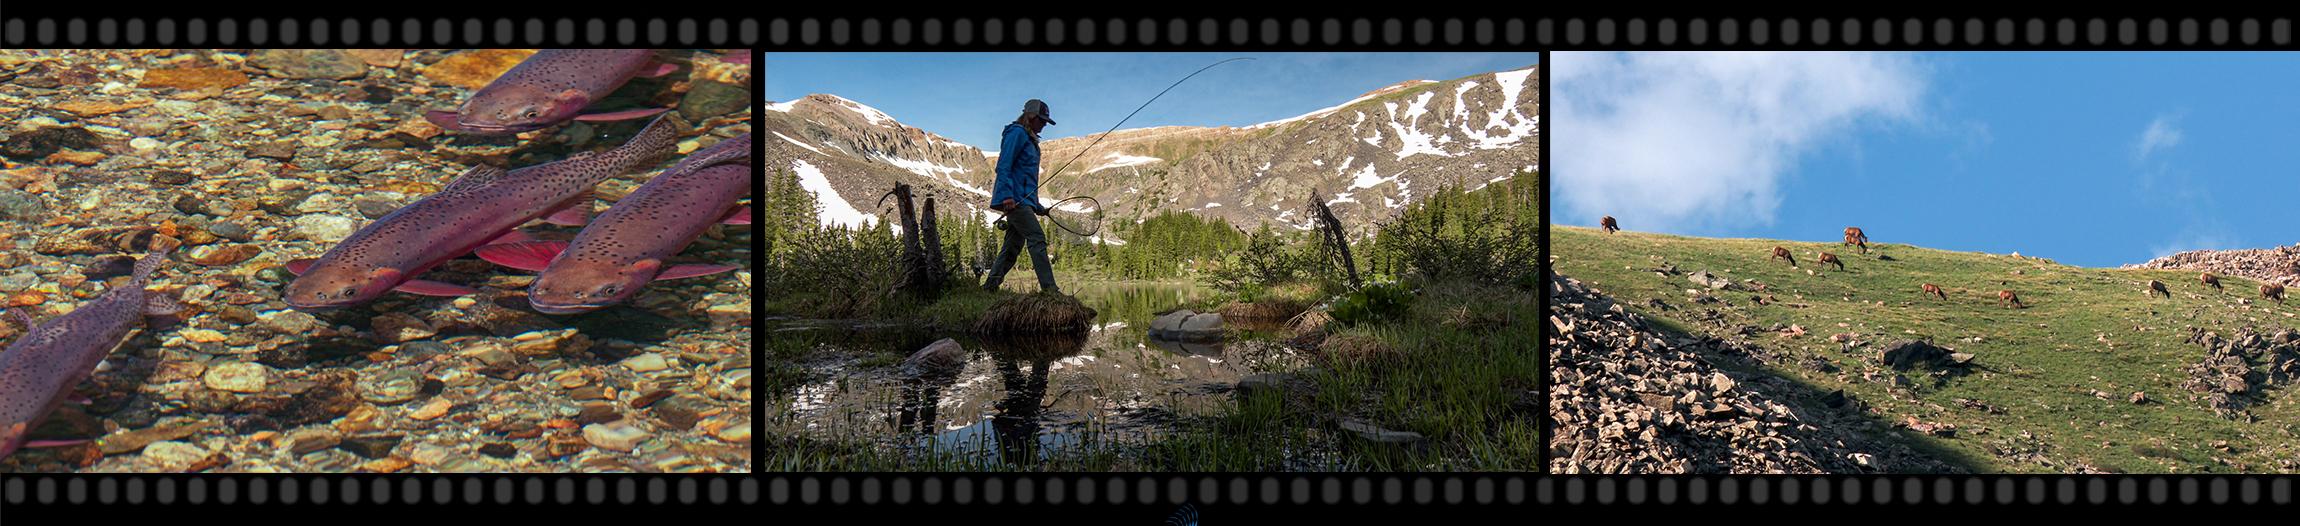 Kelley Moen High Country Colorado